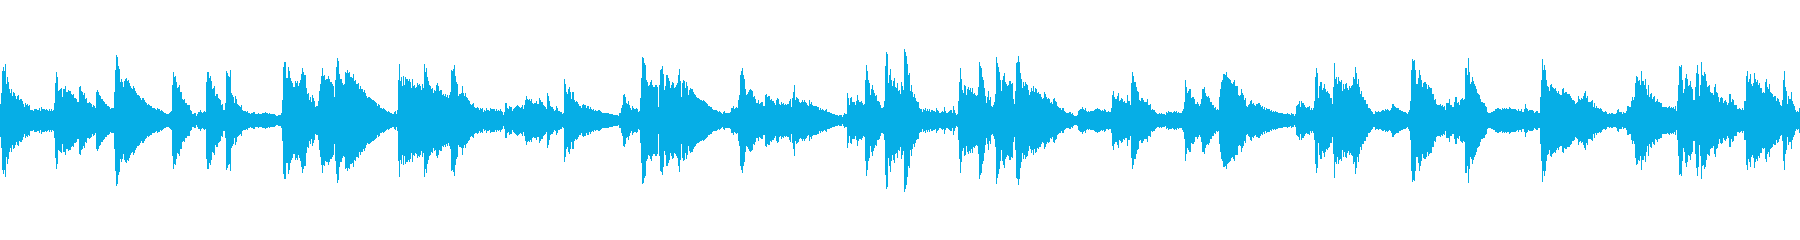 非常に遅い、ブルージーなジャズトラ...の再生済みの波形